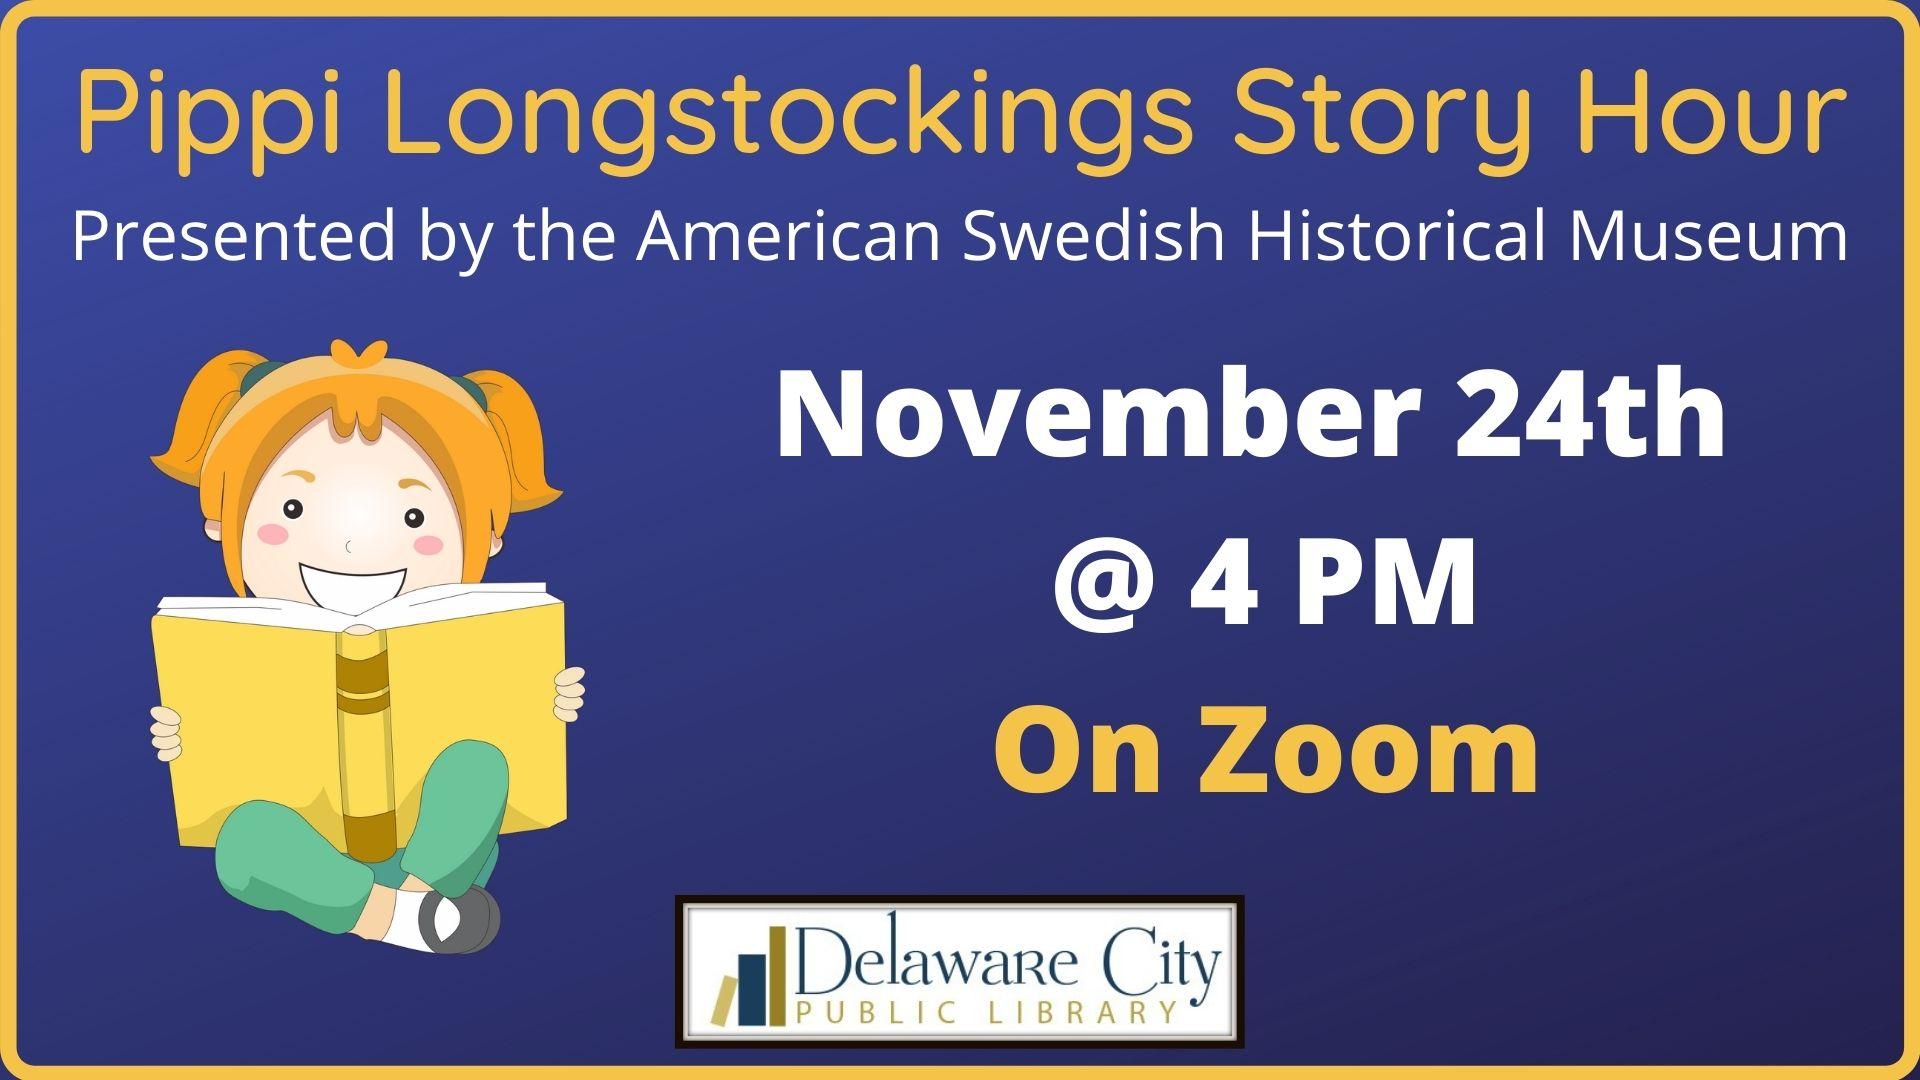 Pippi Longstockings Story Hour